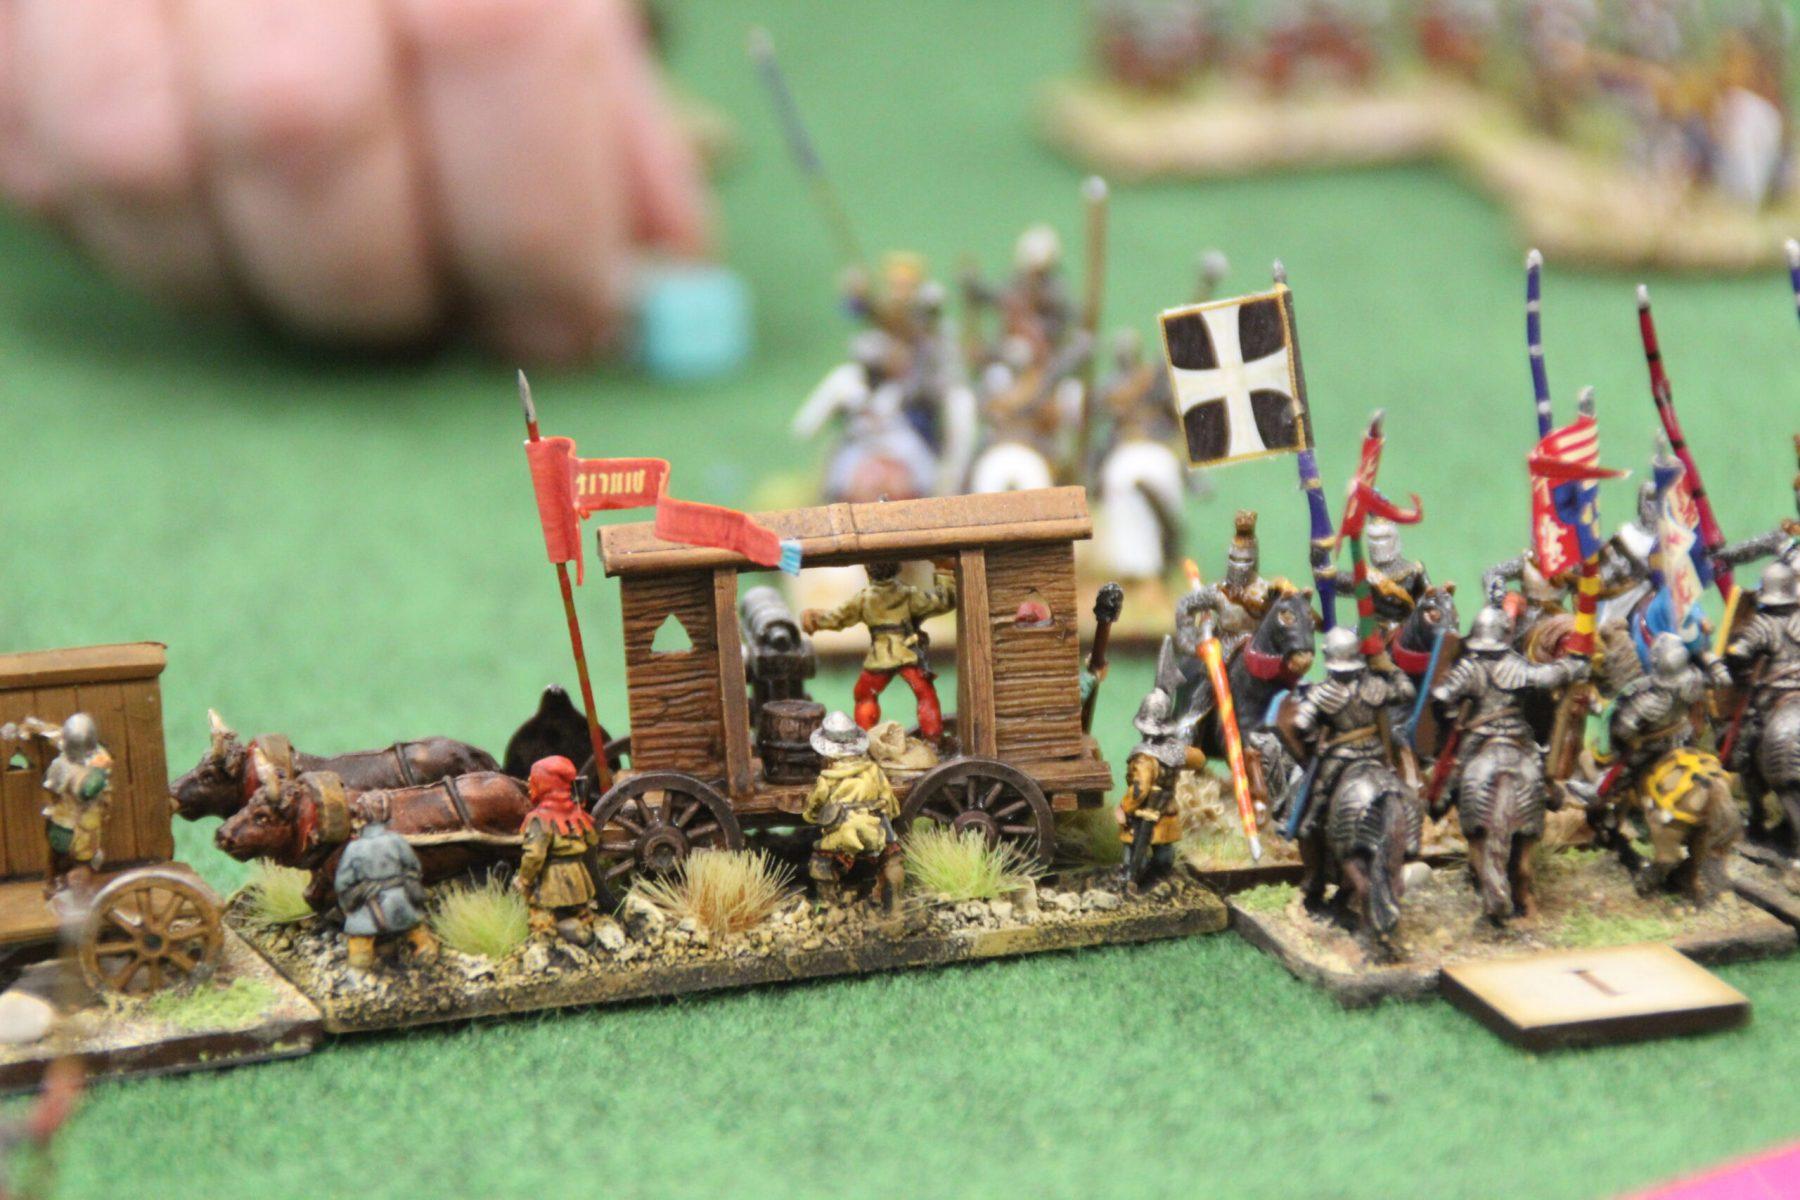 La bataille fait rage entre les Hussites et les Croisés Tardifs ! Ici, un chariot de guerre Hussite.